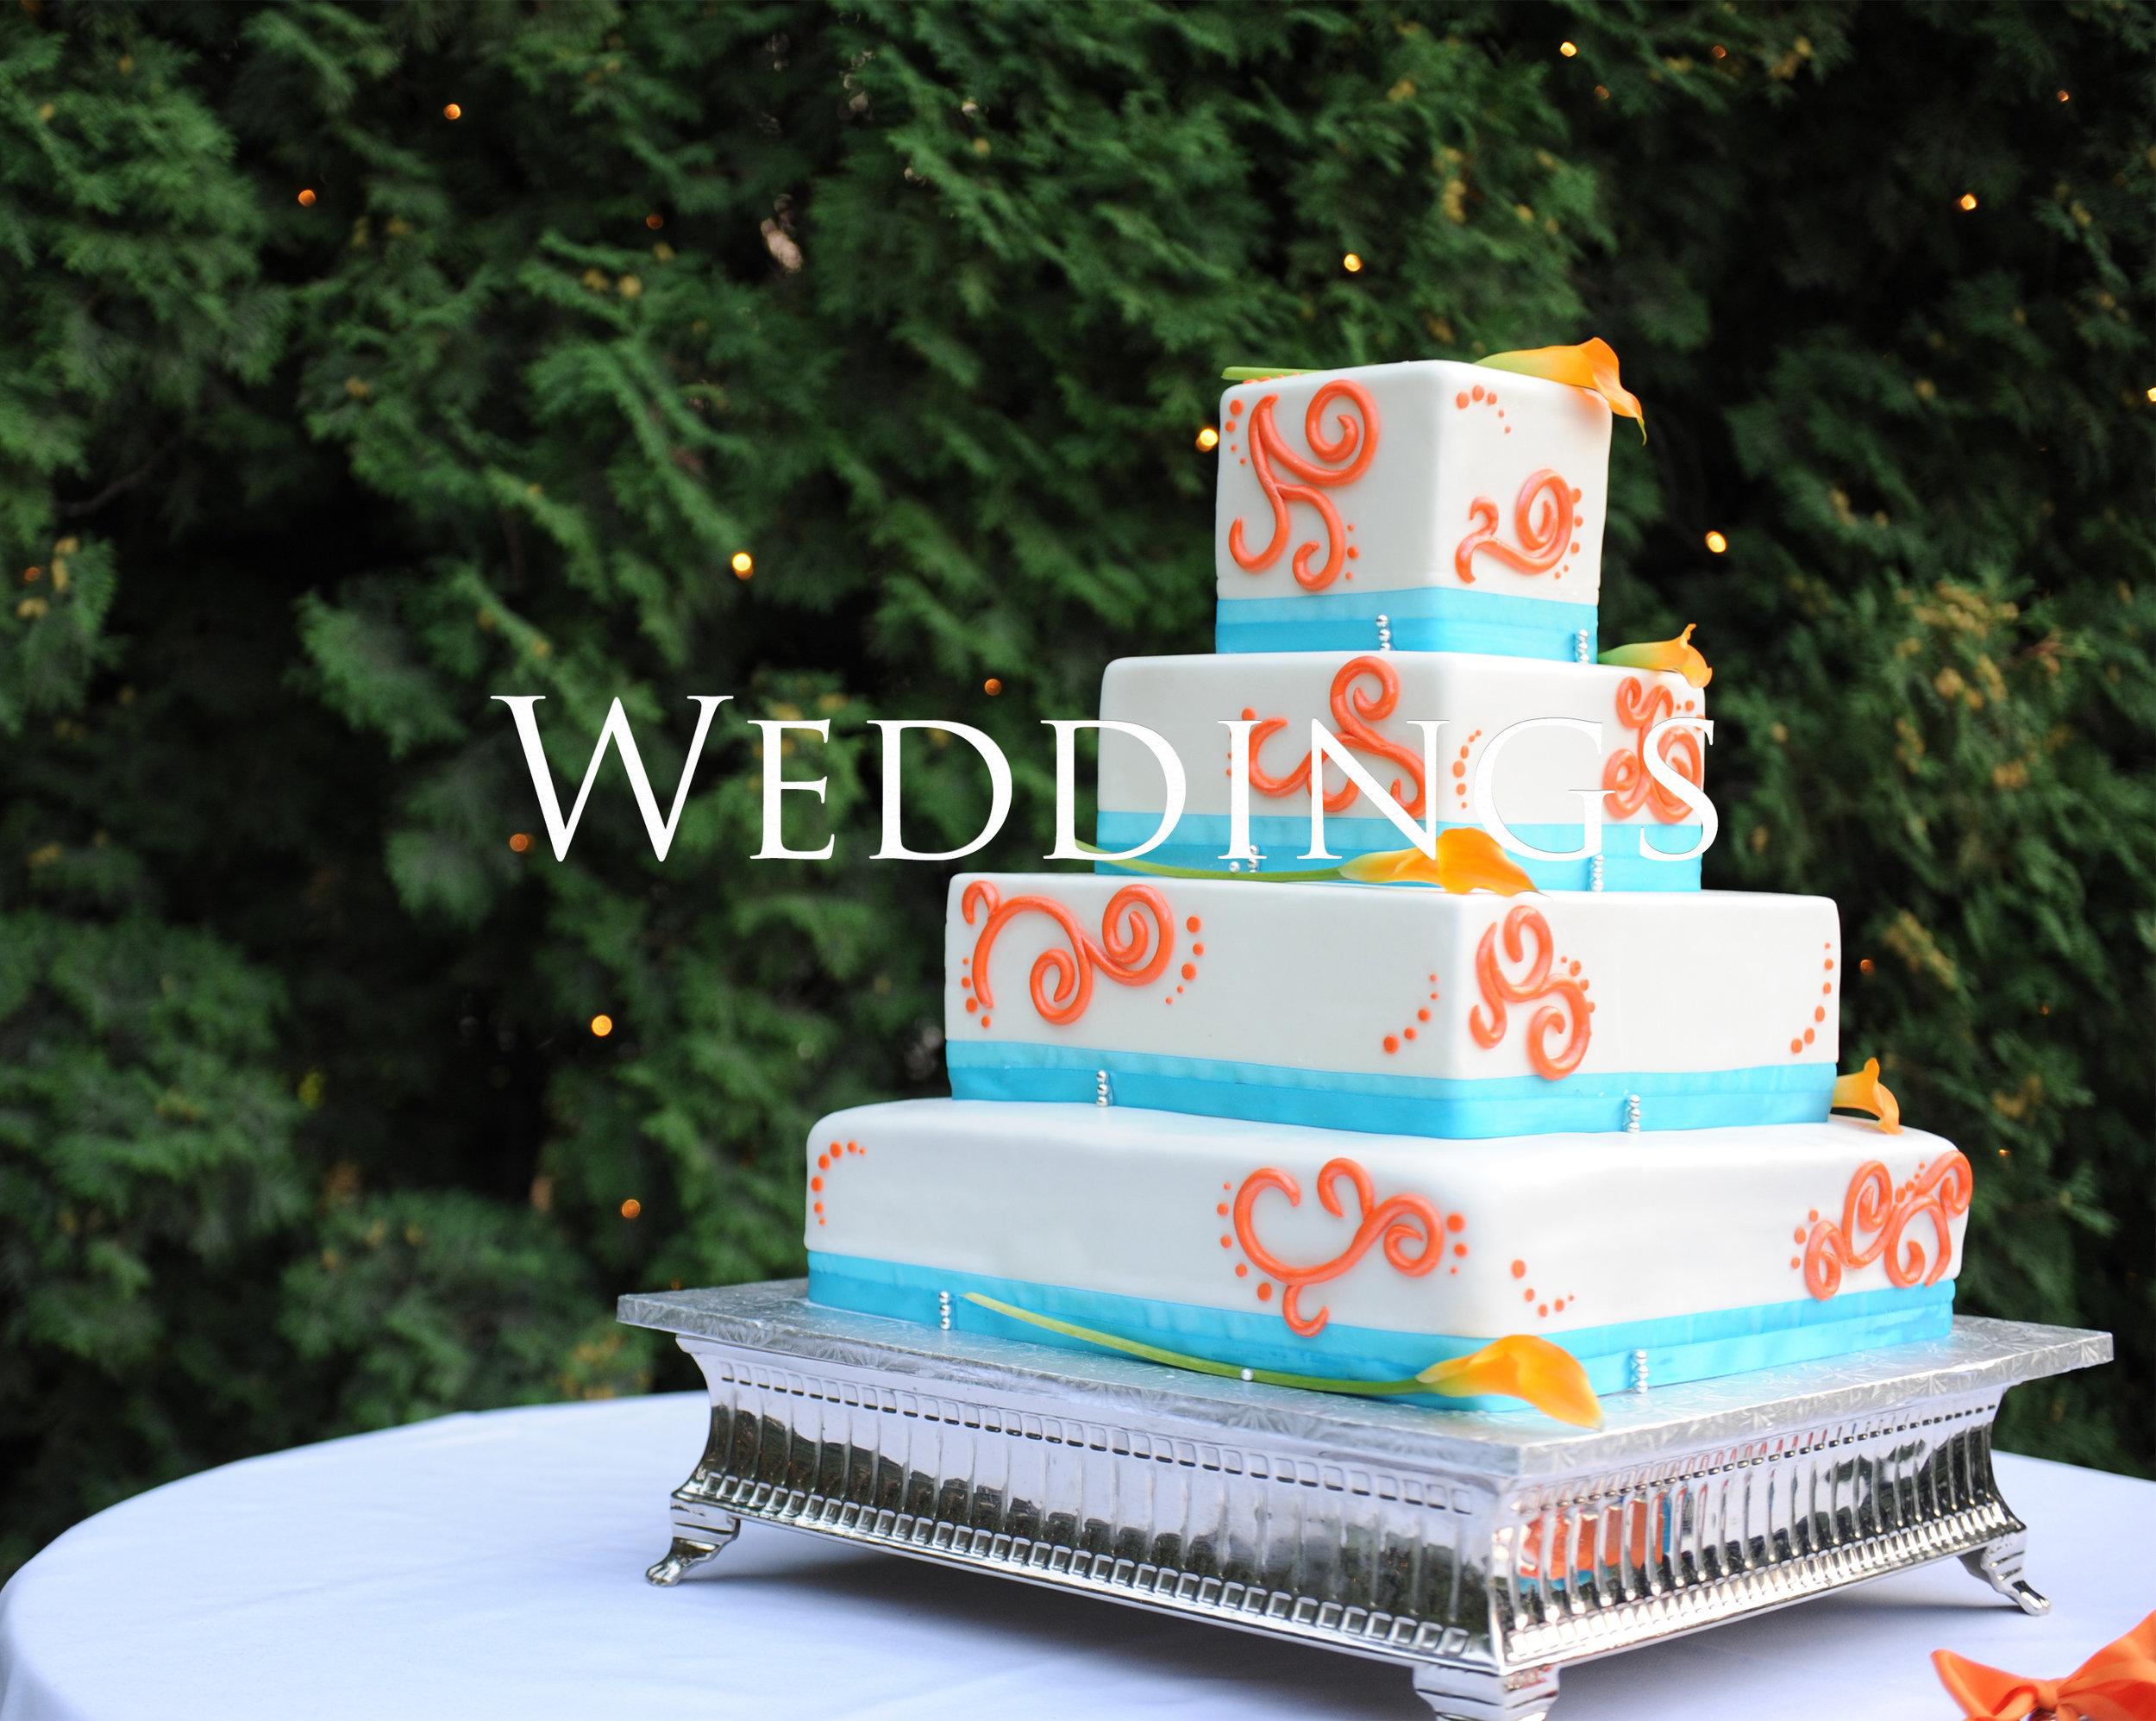 Wedding _tile.jpg